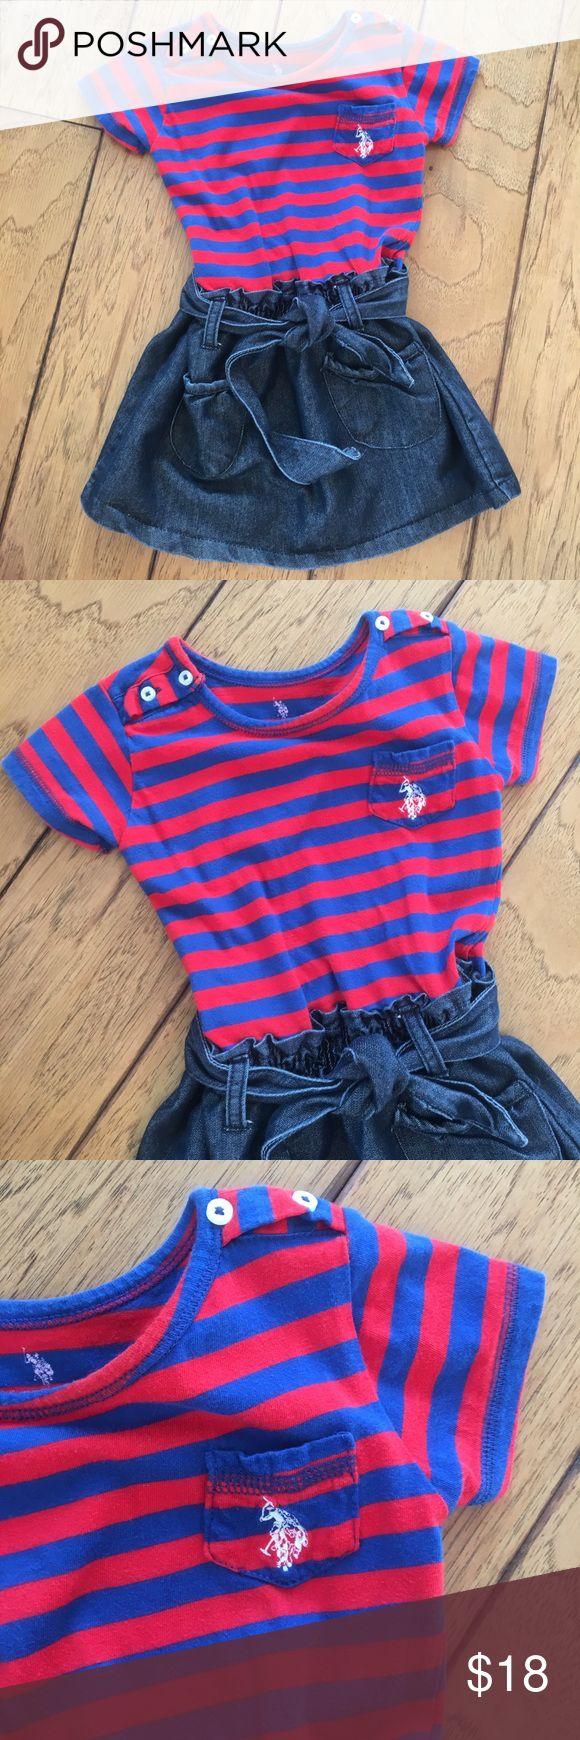 U.S. polo association 3T striped dress U.S. polo association 3T striped dress U.S. Polo Assn. Dresses Casual